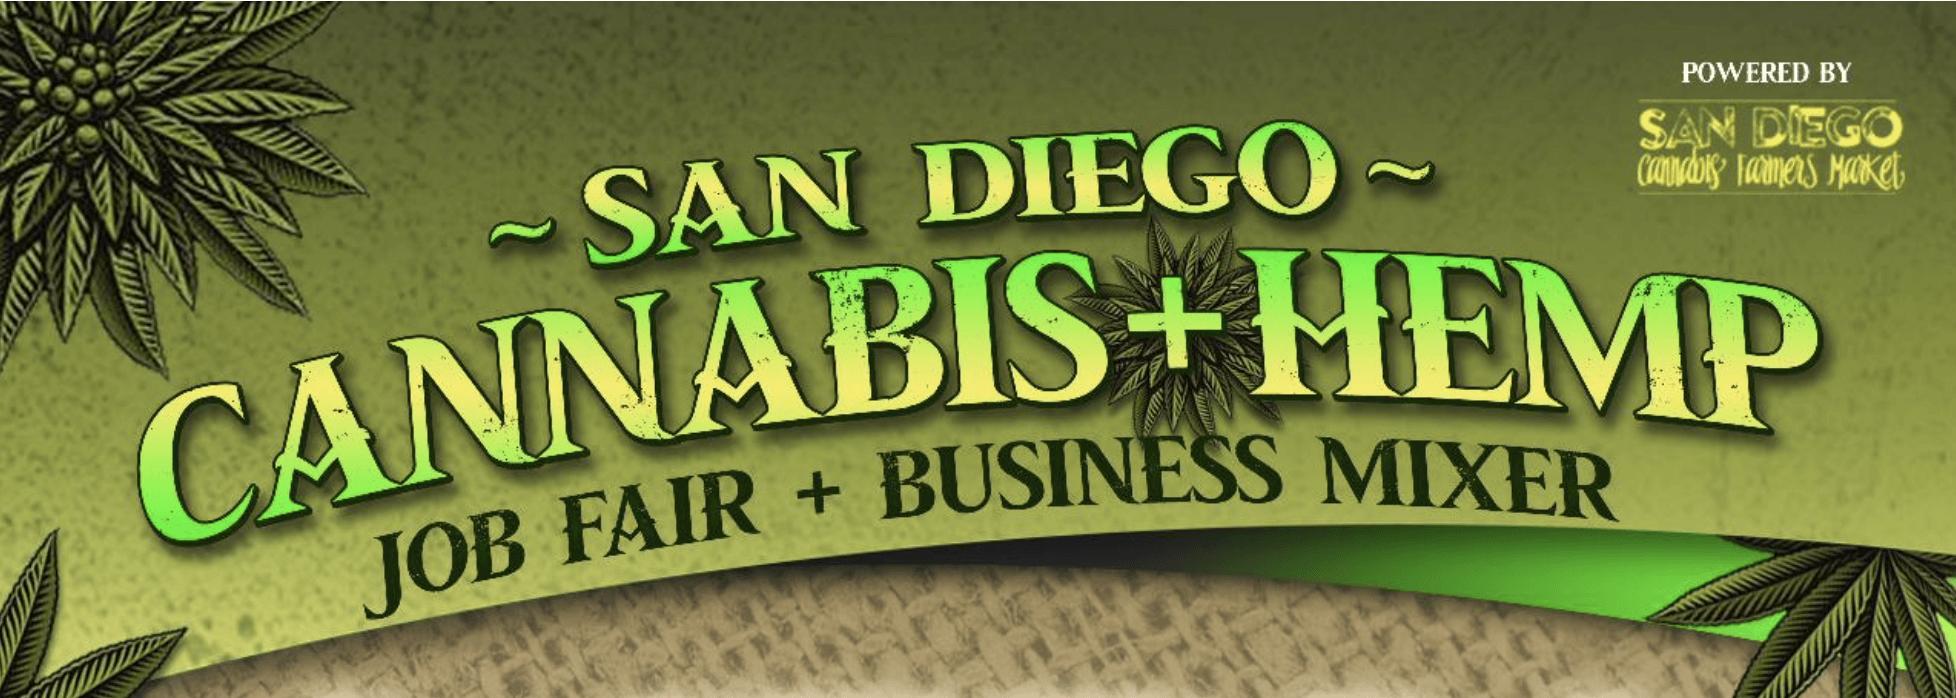 2nd Annual San Diego Cannabis Hemp Job Fair & Business Mixer (Sponsorship)